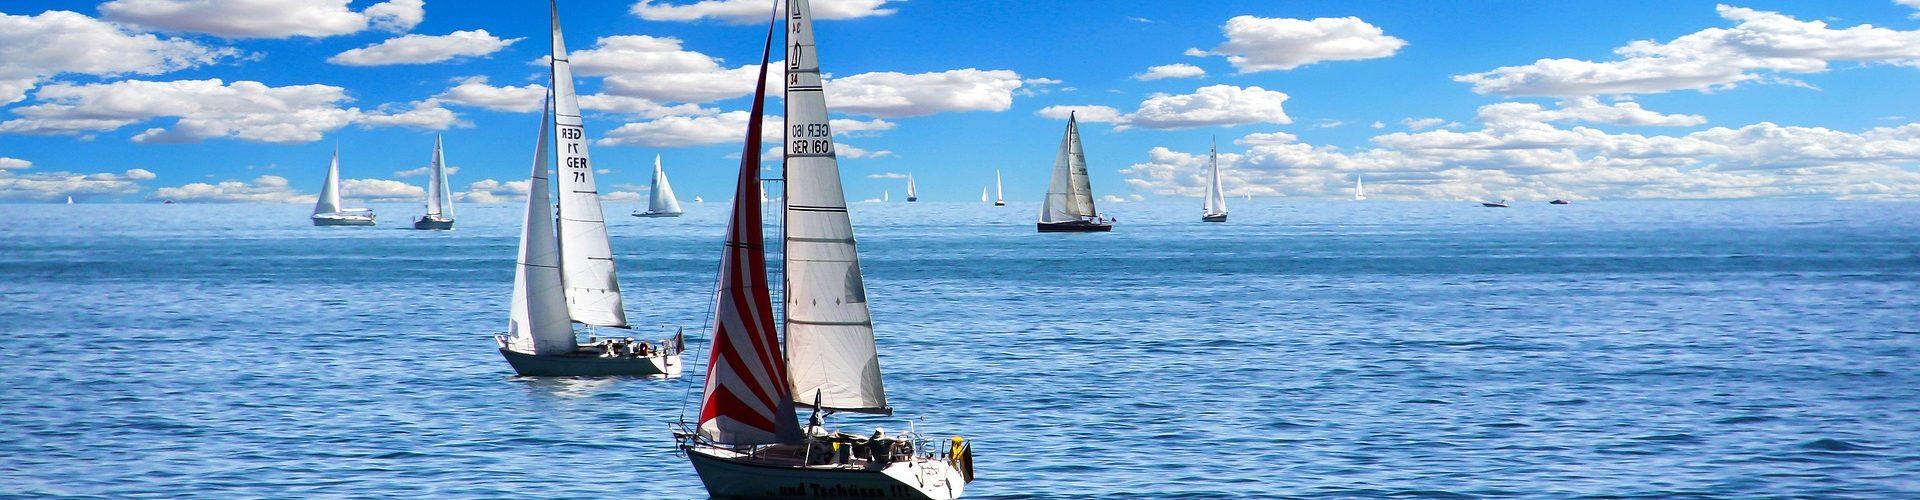 segeln lernen in Niederwallmenach segelschein machen in Niederwallmenach 1920x500 - Segeln lernen in Niederwallmenach